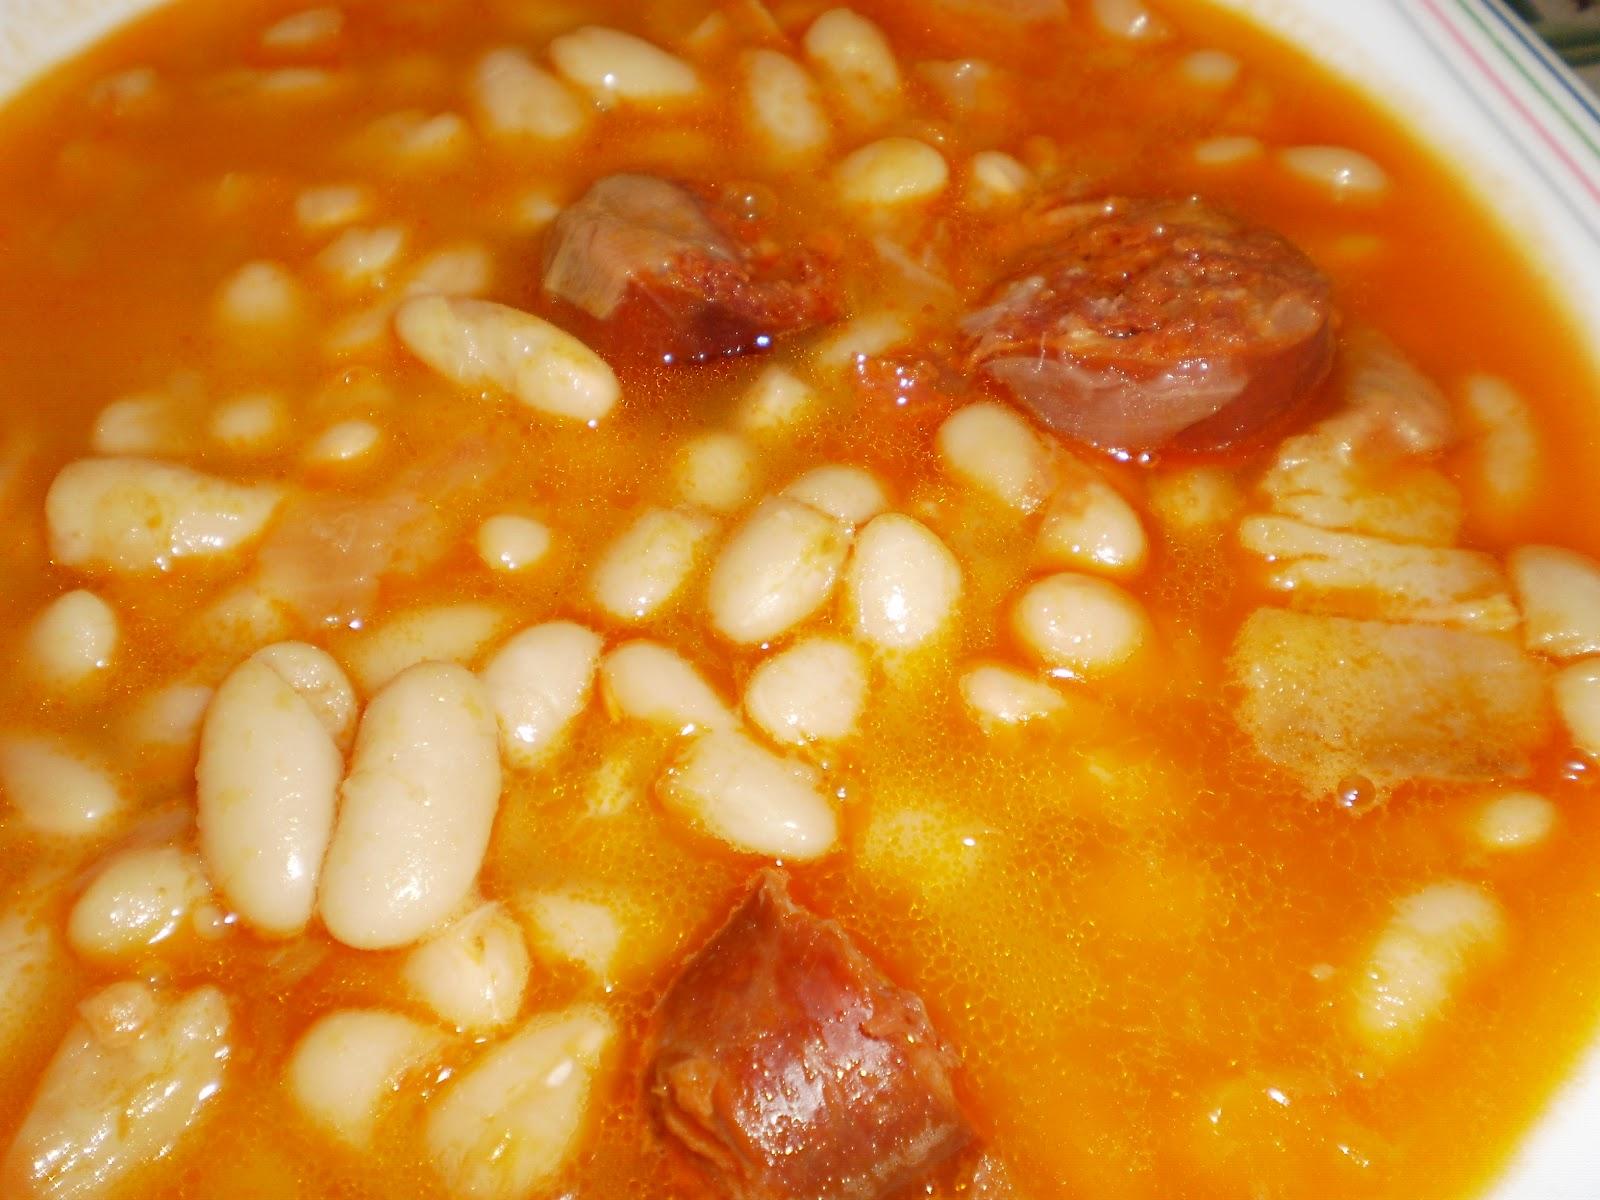 Cocina sin tonterias fabada asturiana for Como cocinar fabada asturiana